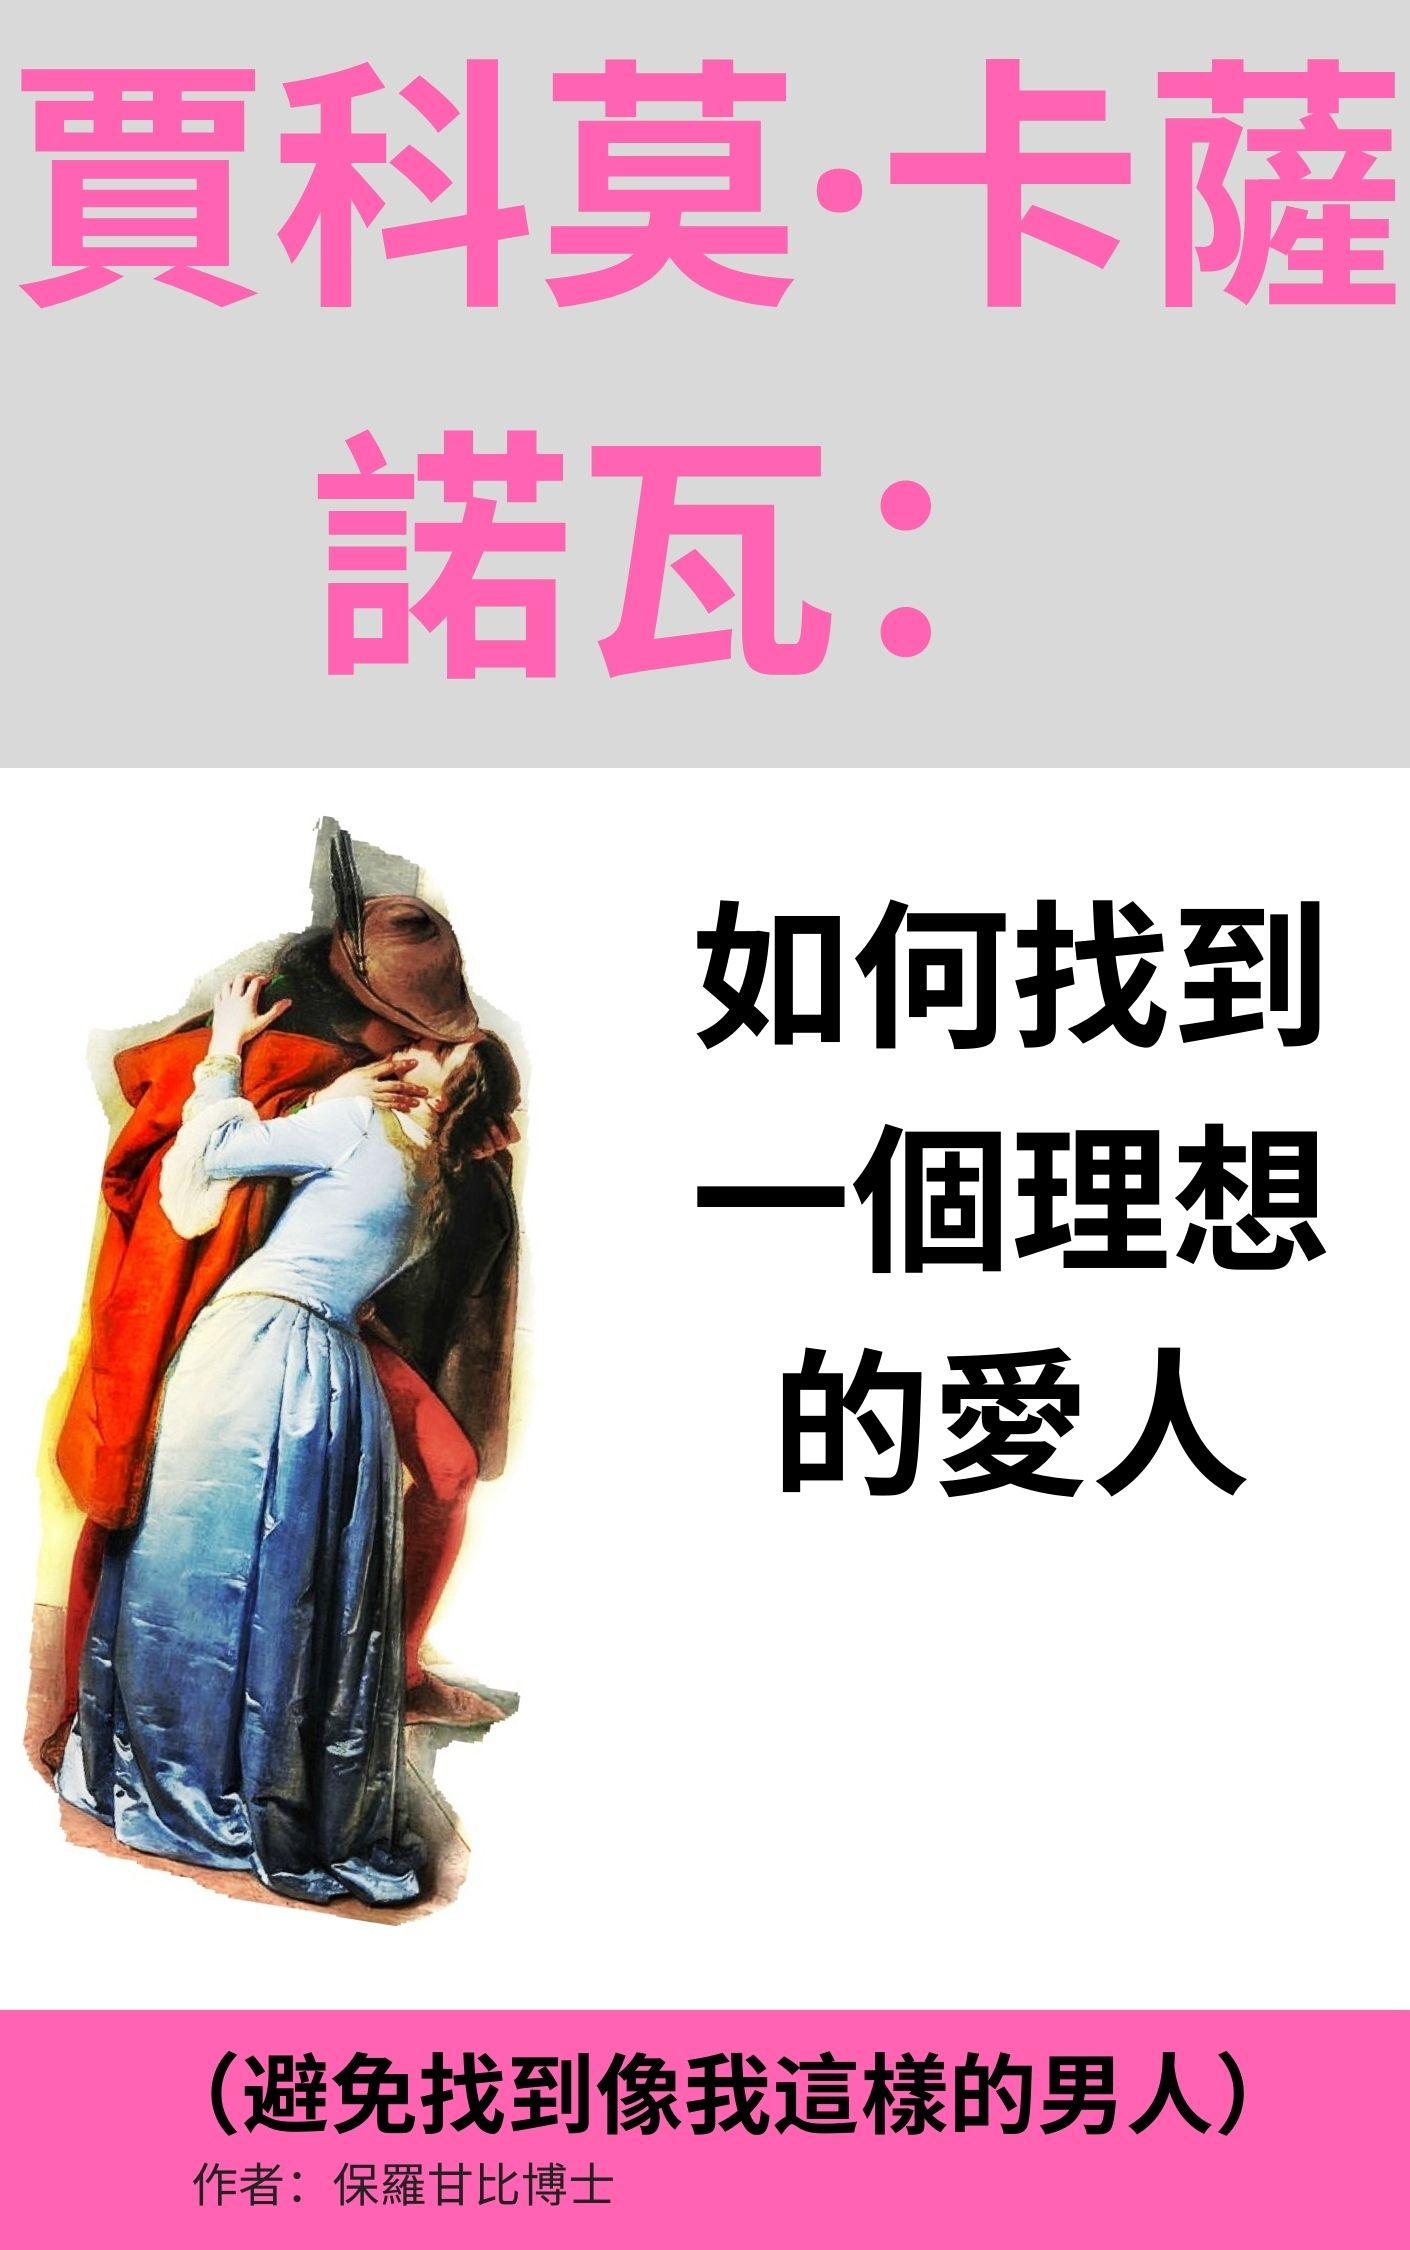 Copy of Copy of Copy of Copy of feelings are lostat sea (2)